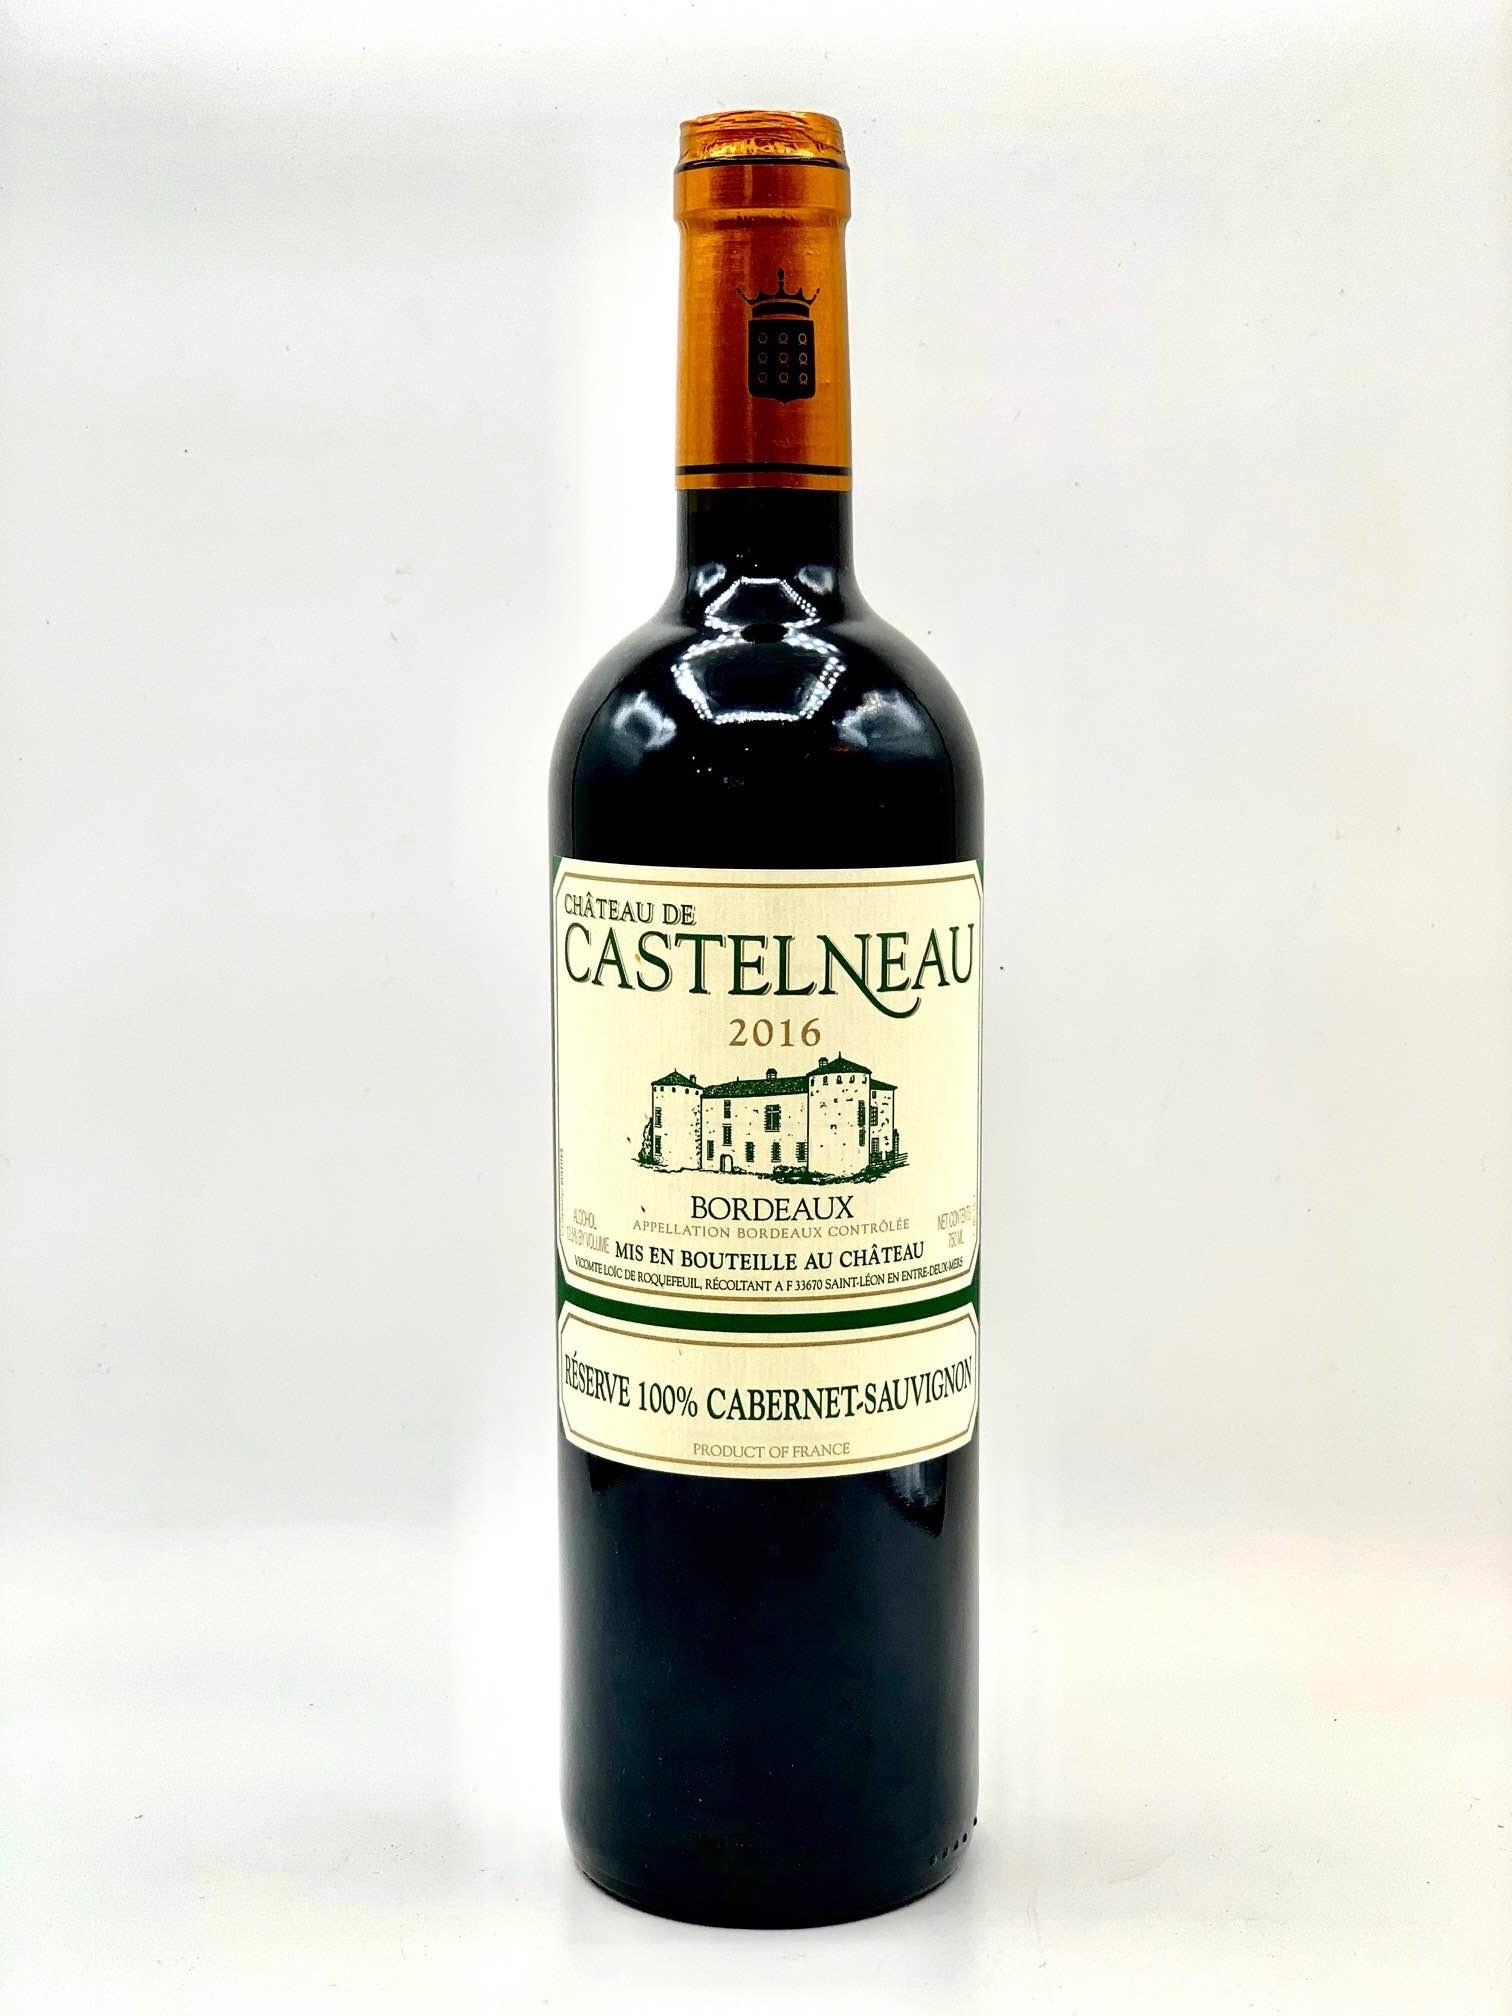 Bordeaux Cabernet Sauvignon 2016 Chateau de Castelneau